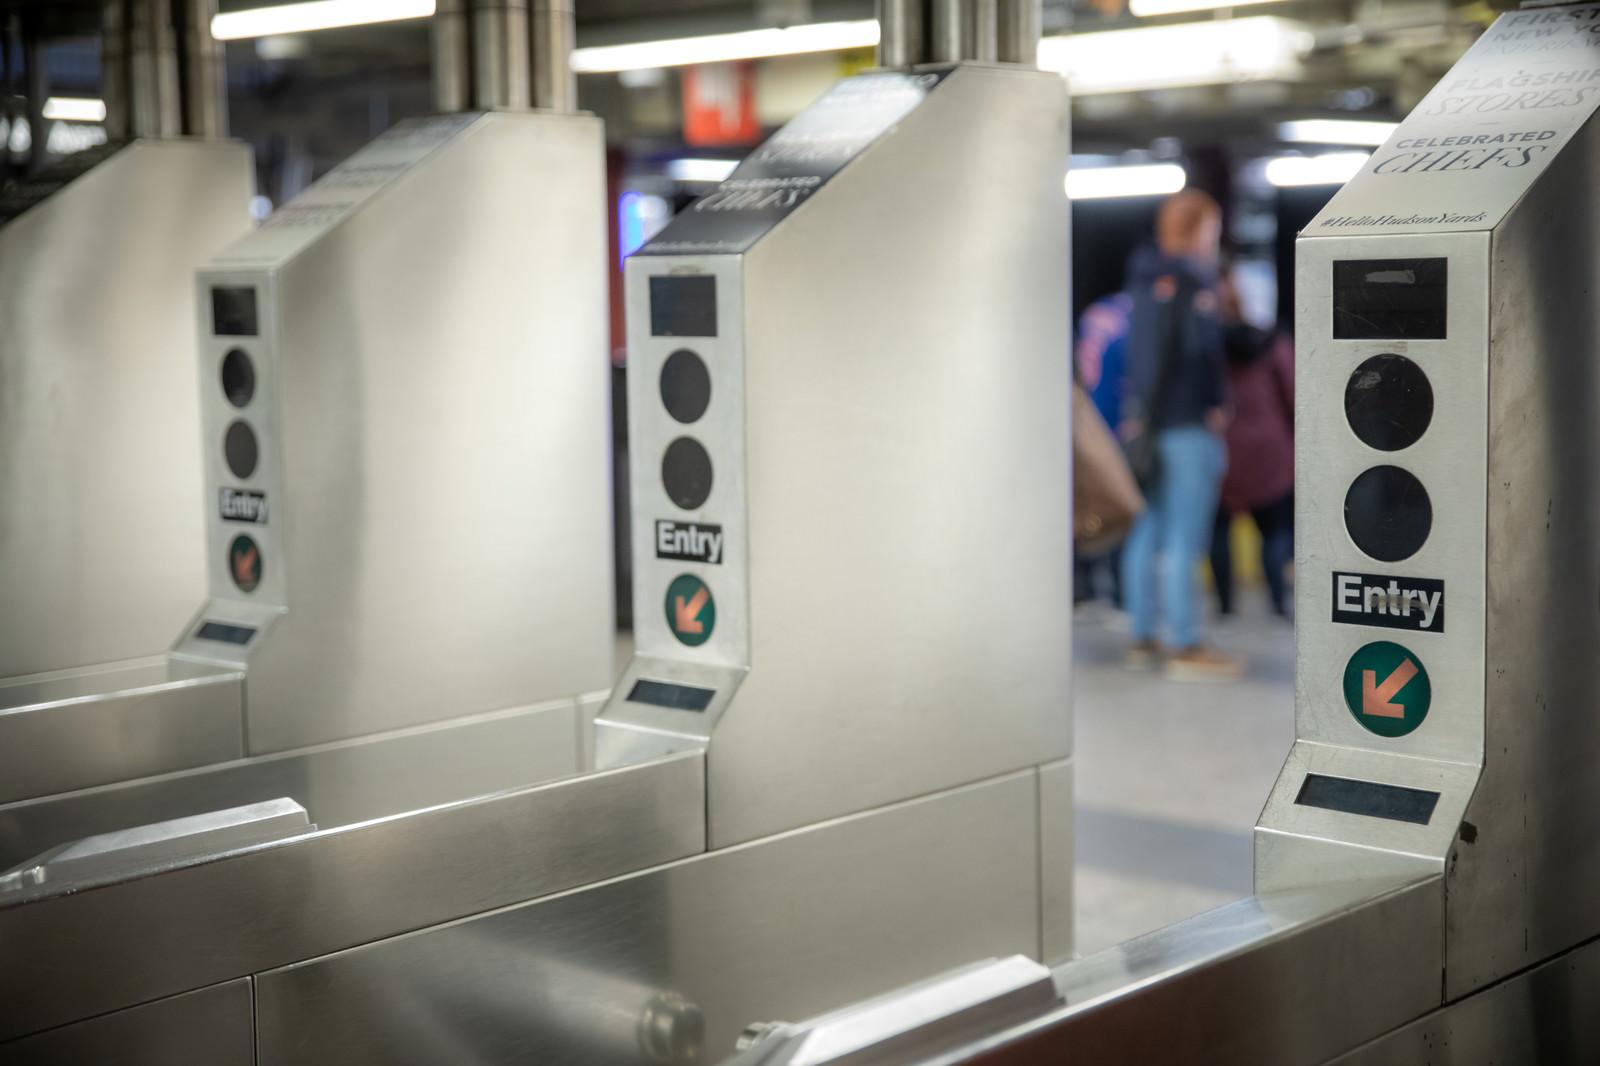 「ニューヨークの地下鉄の改札機   写真の無料素材・フリー素材 - ぱくたそ」の写真